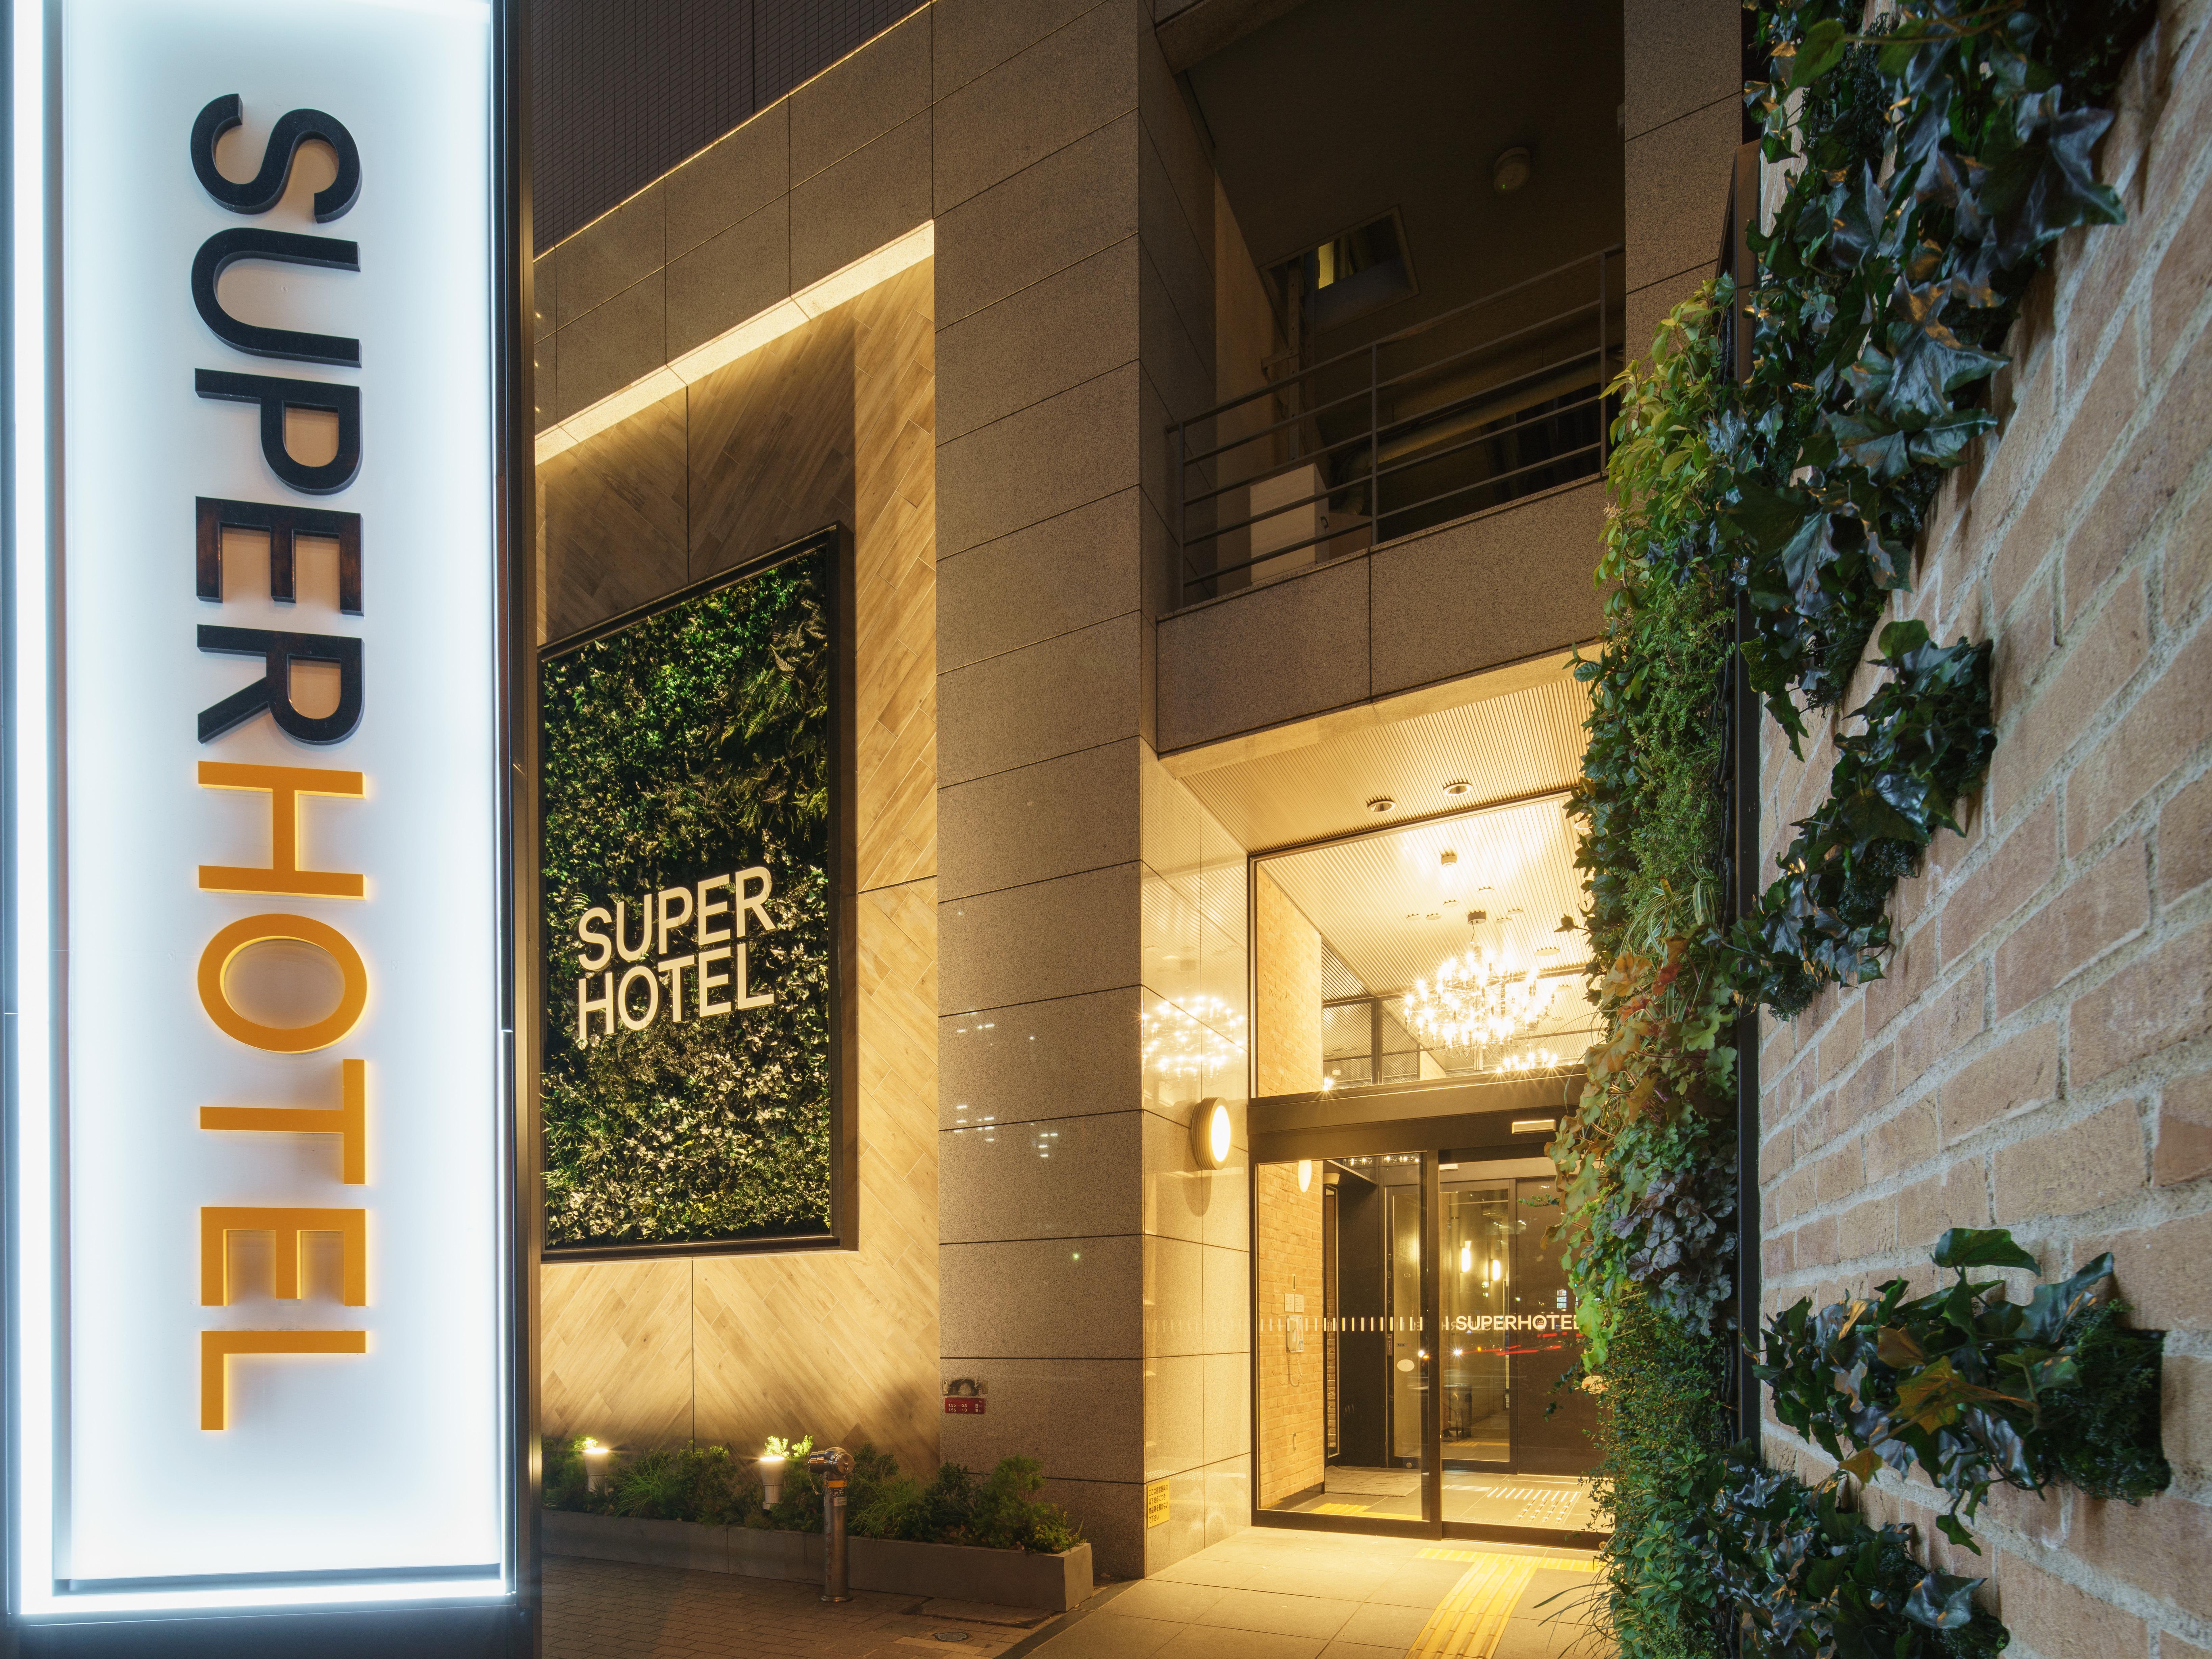 パシフィコ横浜に便利な格安ホテル